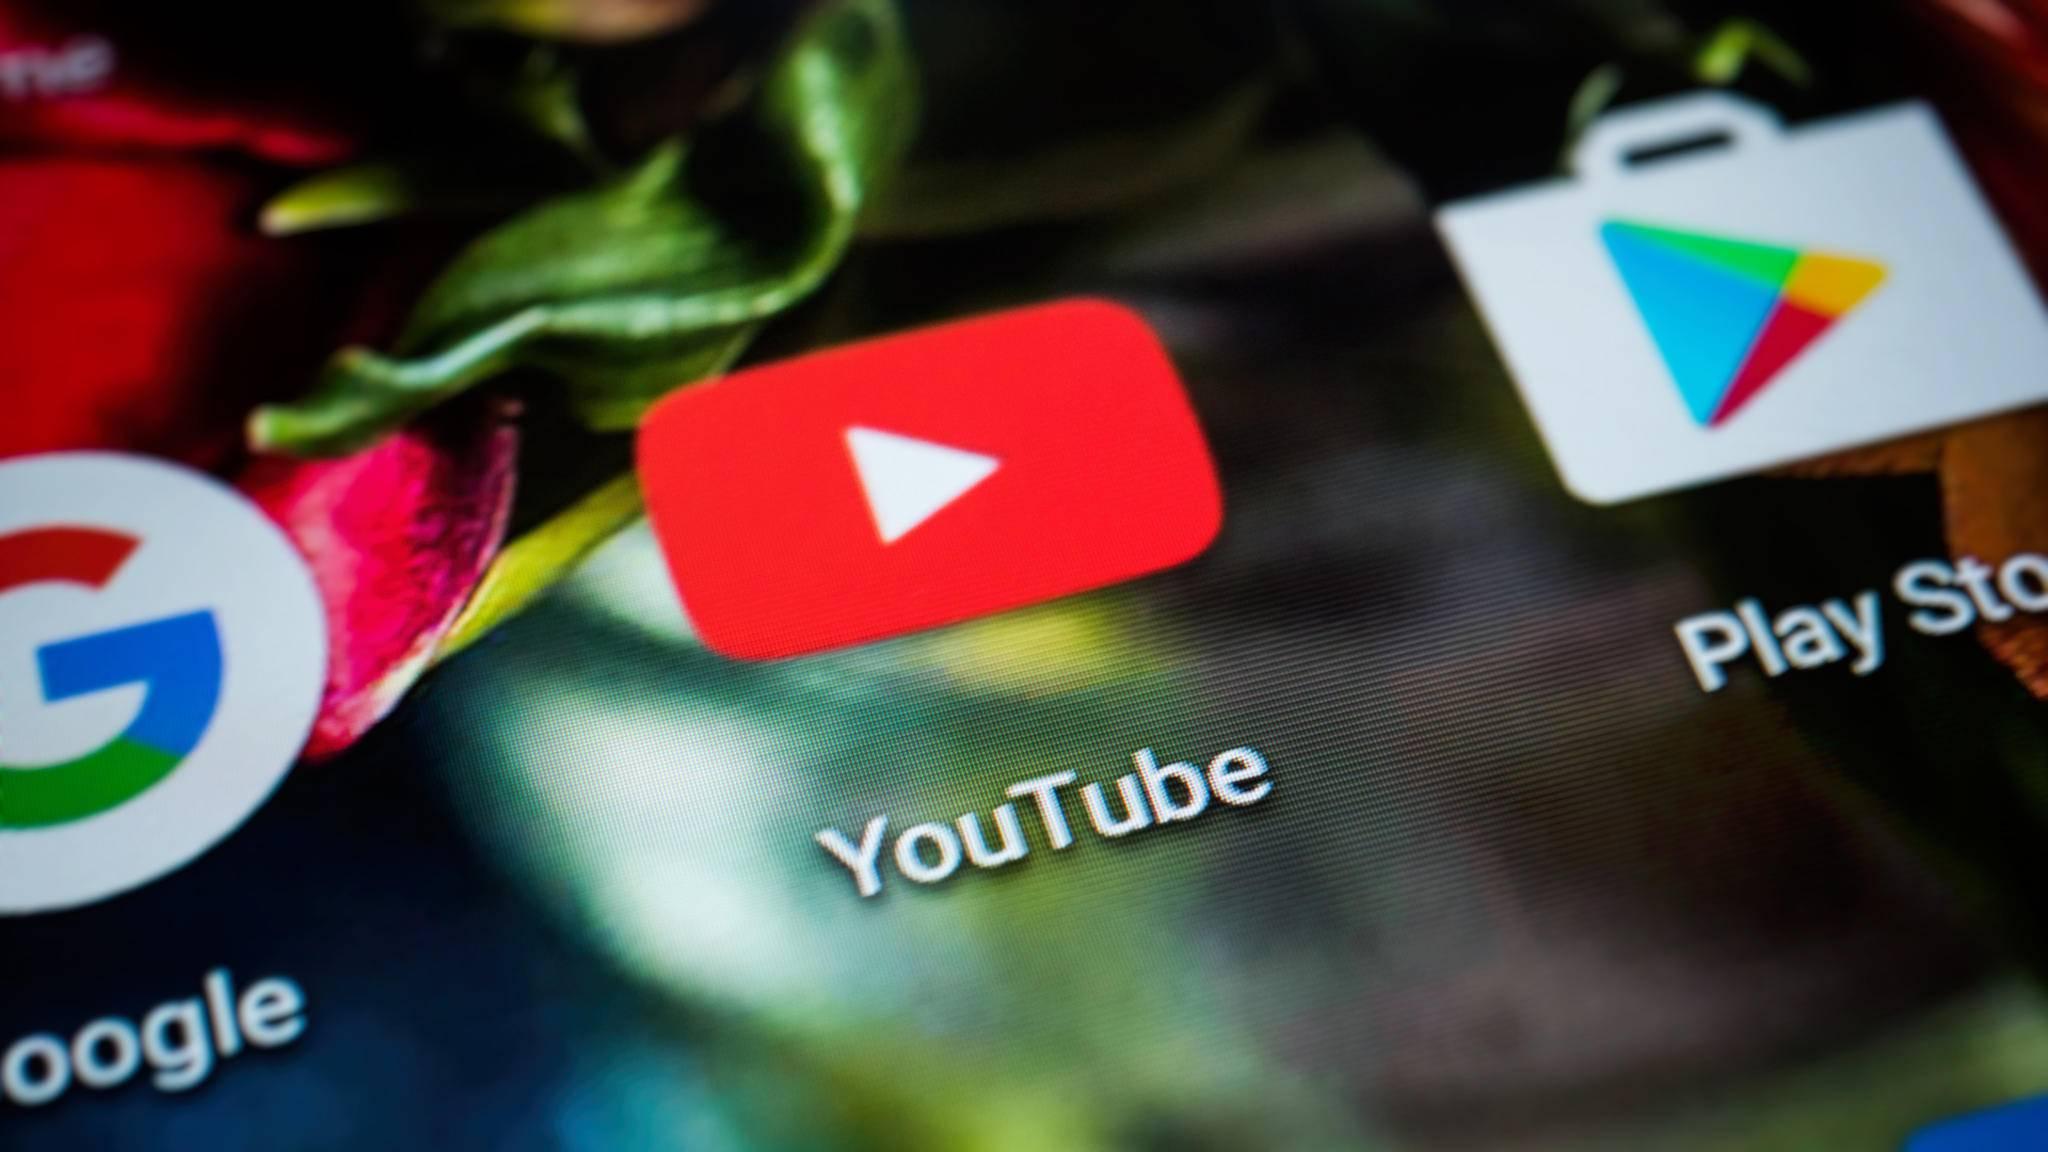 Zum Runterladen von YouTube-Videos unter Android gibt es zusätzliche Apps.